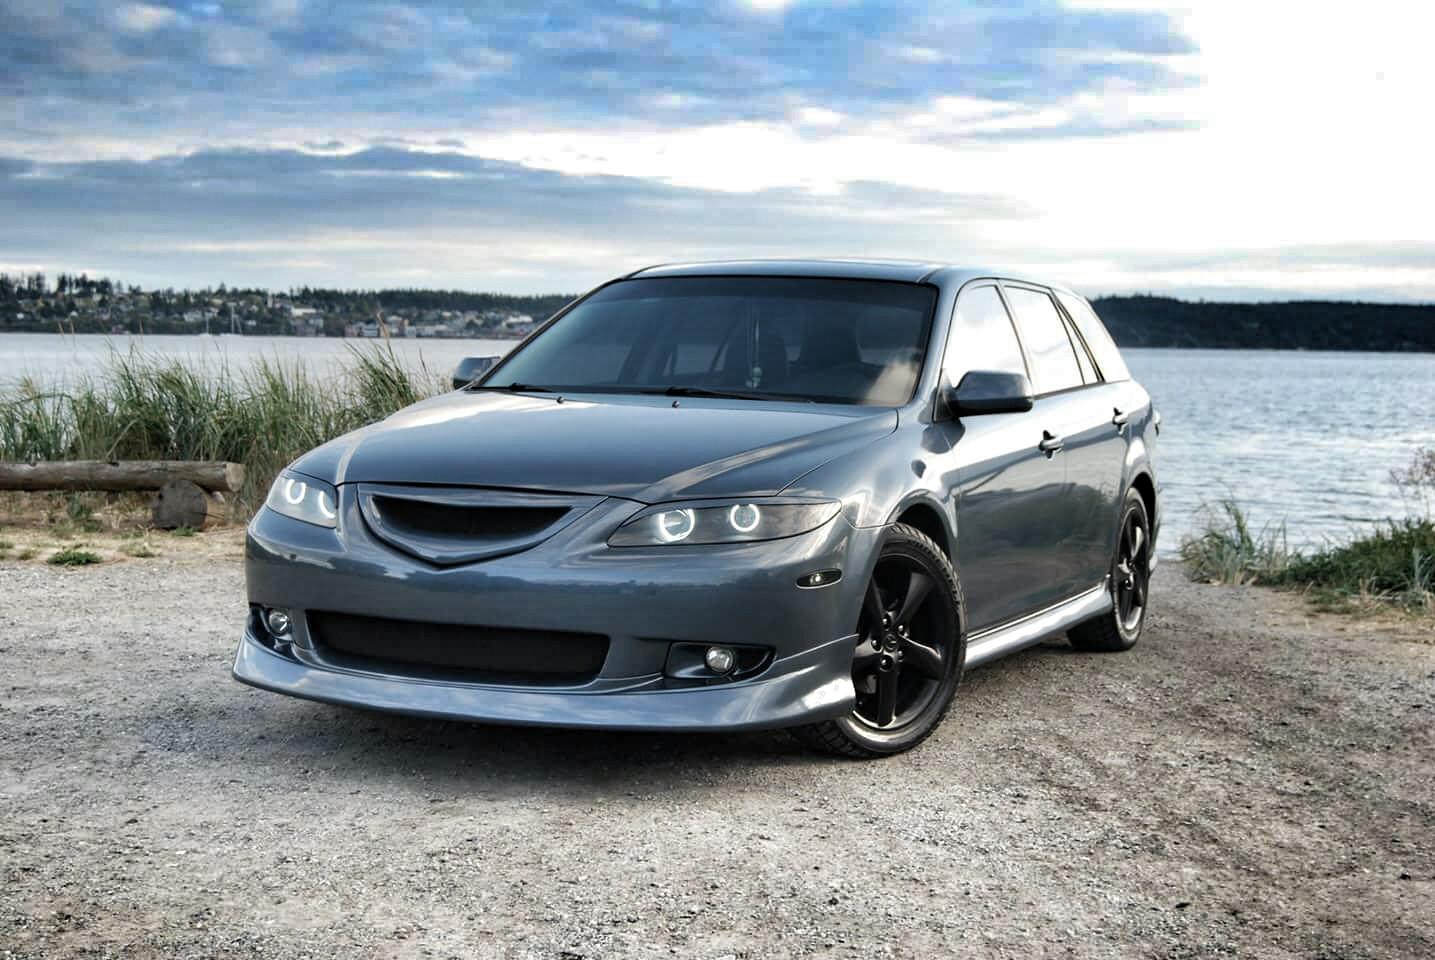 Mazda mazda 6s 2004 : 2004 Wagon Build Thread - Mazda 6 Forums : Mazda 6 Forum / Mazda ...